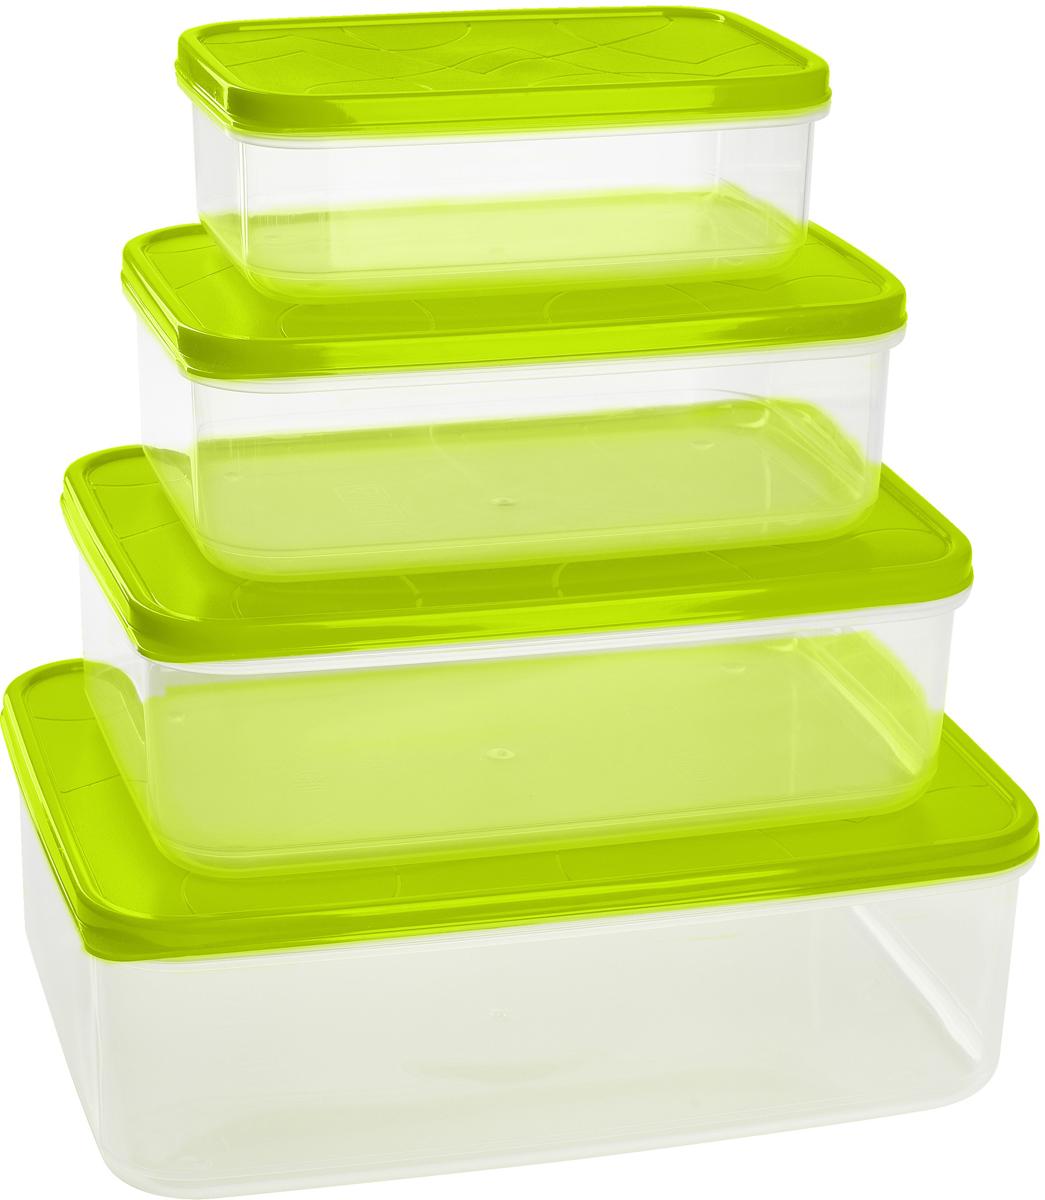 Набор контейнеров для продуктов Giaretti Vitamino, цвет: оливковый, 4 штGR1857ОЛГерметичные контейнеры от Giaretti имеют целый ряд преимуществ:контейнер подходит для хранения продуктов в морозильной камере, а также для разогрева вмикроволновой печи;благодаря воздухонепроницаемой крышке продукты хранятся дольше; разные литражи и формы контейнеров.Контейнеры вкладываются друг в друга по принципу матрешки экономя пространство прихранении.Объем контейнеров: 0,5 л, 1 л, 1,5 л, 2,5 л.